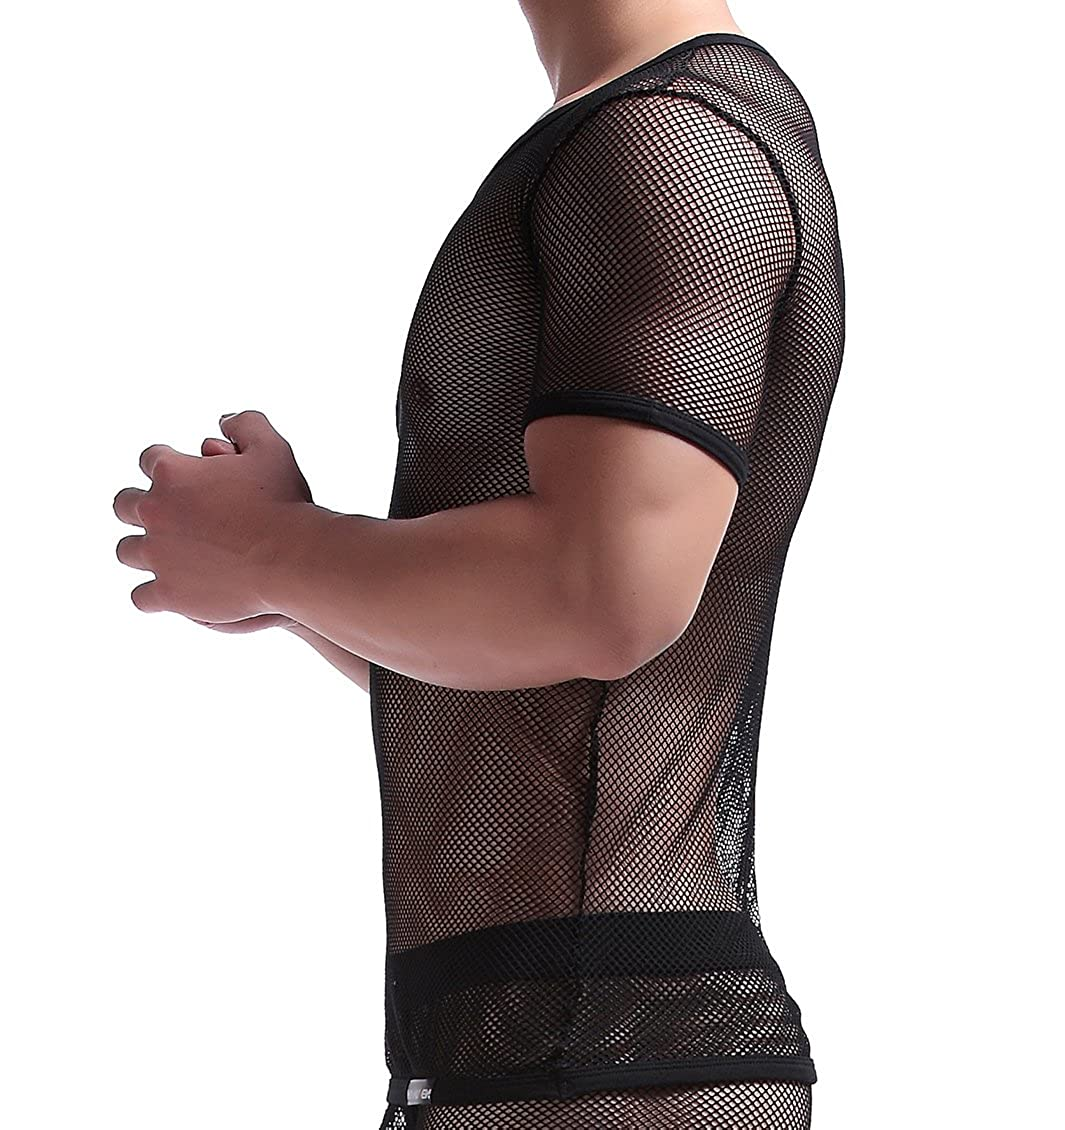 Manview Herren Shirt halb Arm schwarz Shirt halber Arm Netzhemd Herren